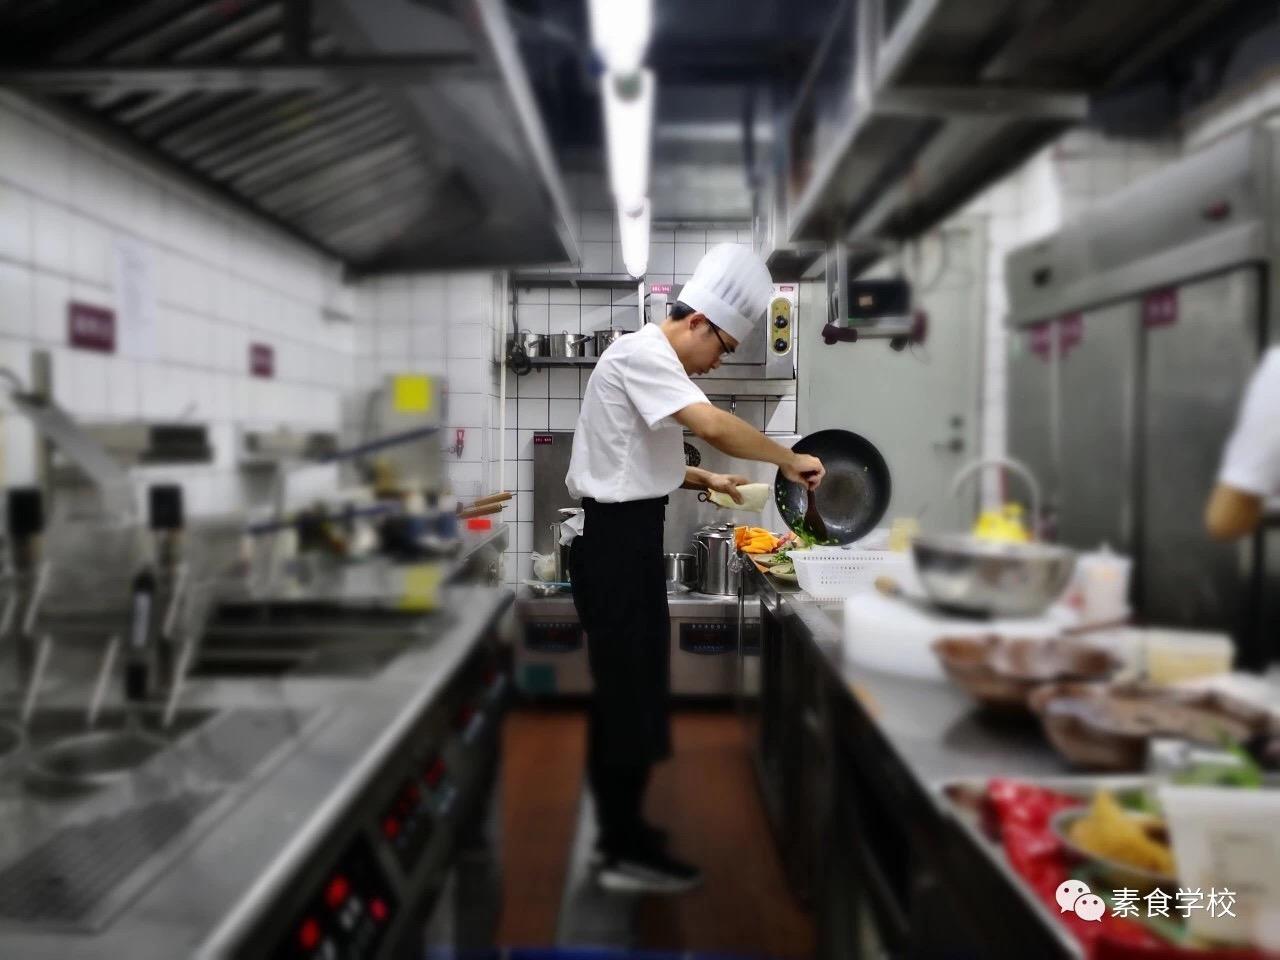 只要3天时间,素食厨师长班助你升职加薪!